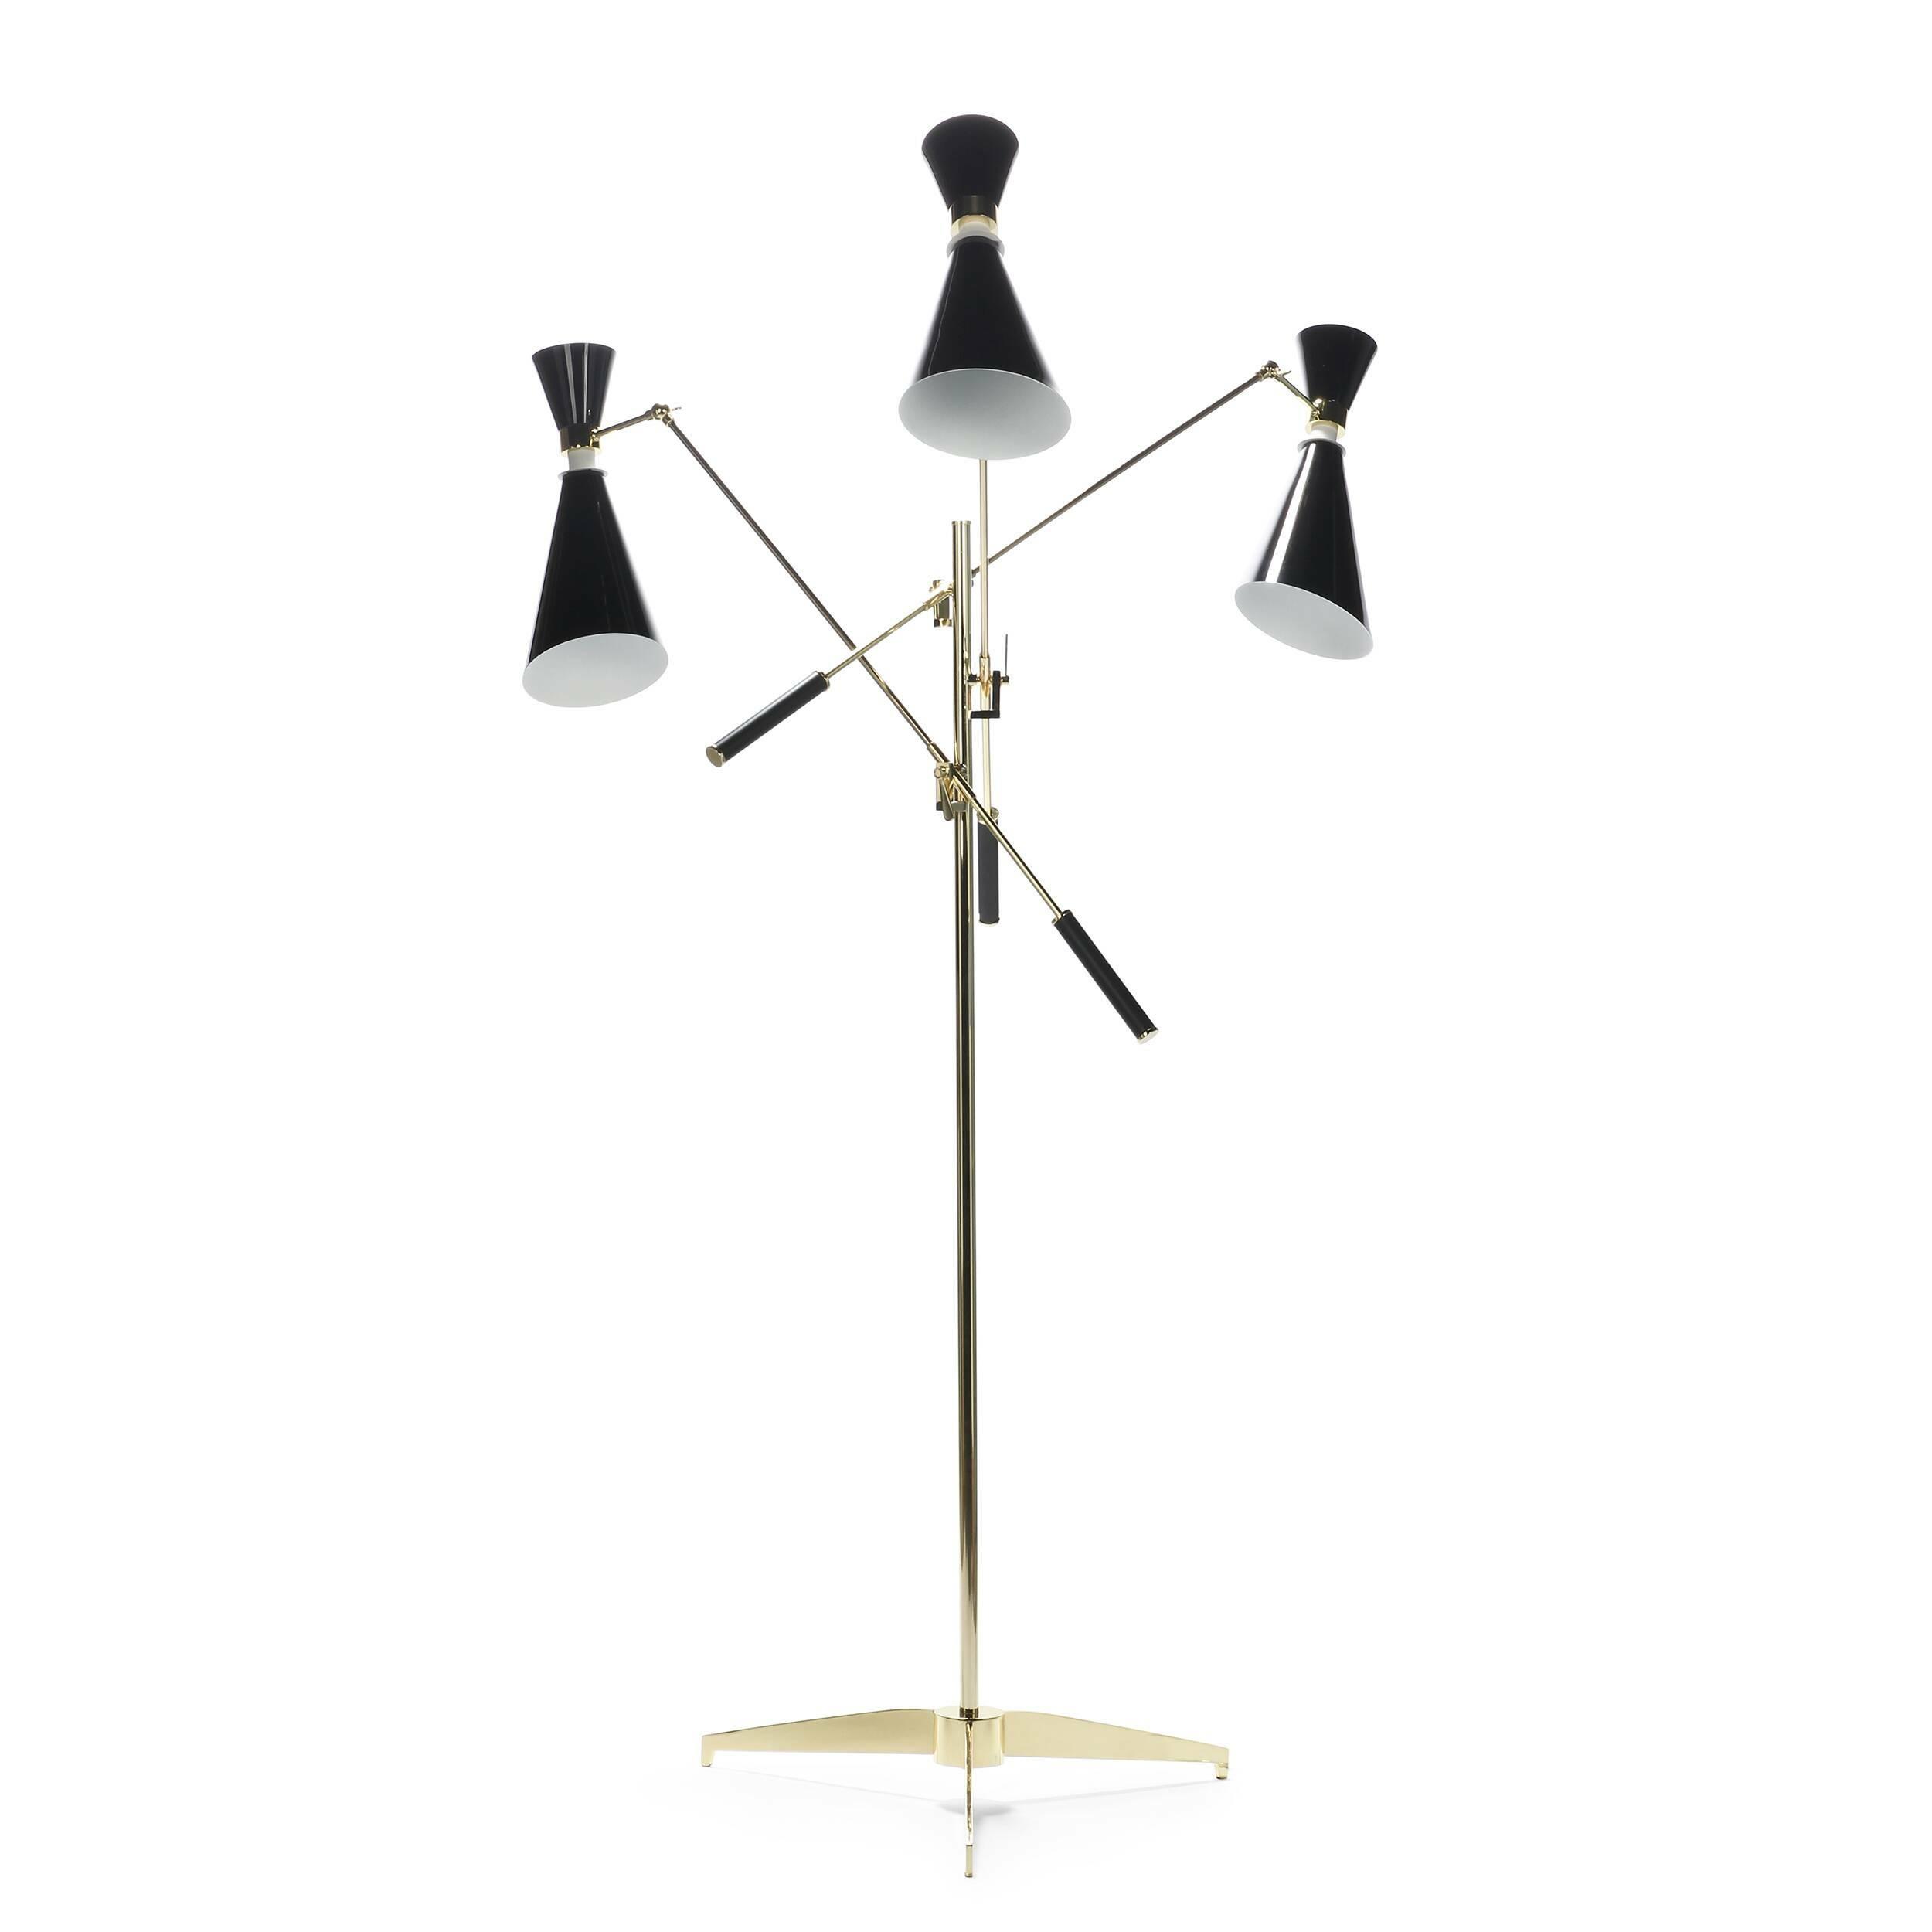 Напольный светильник StanleyНапольные<br>Напольный светильник Stanley — это три стильных торшера, соединенных в одной дизайнерской конструкции. Универсальное в стилевом отношении изделие станет изысканным и стильным штрихом в любой обстановке гостиной или спальной комнаты.<br><br><br> Дизайн модели светильника отсылает нас к стилю 50-х и 60-х годов. Изделие отлично подойдет для декорирования помещений в стиле модерн или хай-тек, о чем говорят формы и, конечно же, материалы. Конструкция этой лампы изготовлена из латуни, а абажуры — из ...<br><br>stock: 0<br>Высота: 165<br>Диаметр: 116<br>Количество ламп: 3<br>Материал абажура: Алюминий<br>Материал арматуры: Алюминий<br>Мощность лампы: 40<br>Ламп в комплекте: Нет<br>Напряжение: 220<br>Тип лампы/цоколь: E14<br>Цвет абажура: Золотой